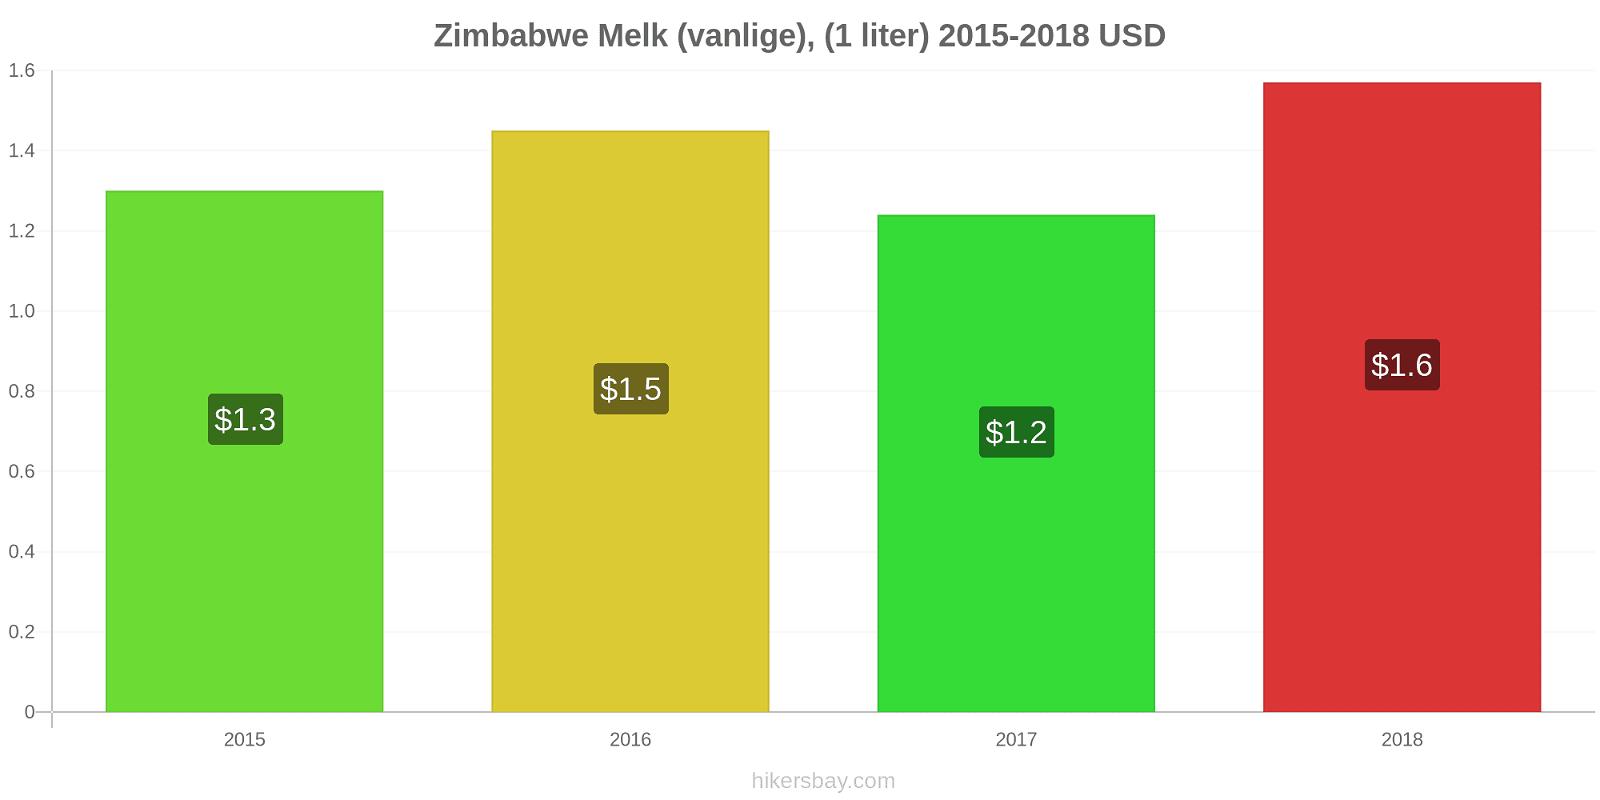 Zimbabwe prisendringer Melk (vanlige), (1 liter) hikersbay.com